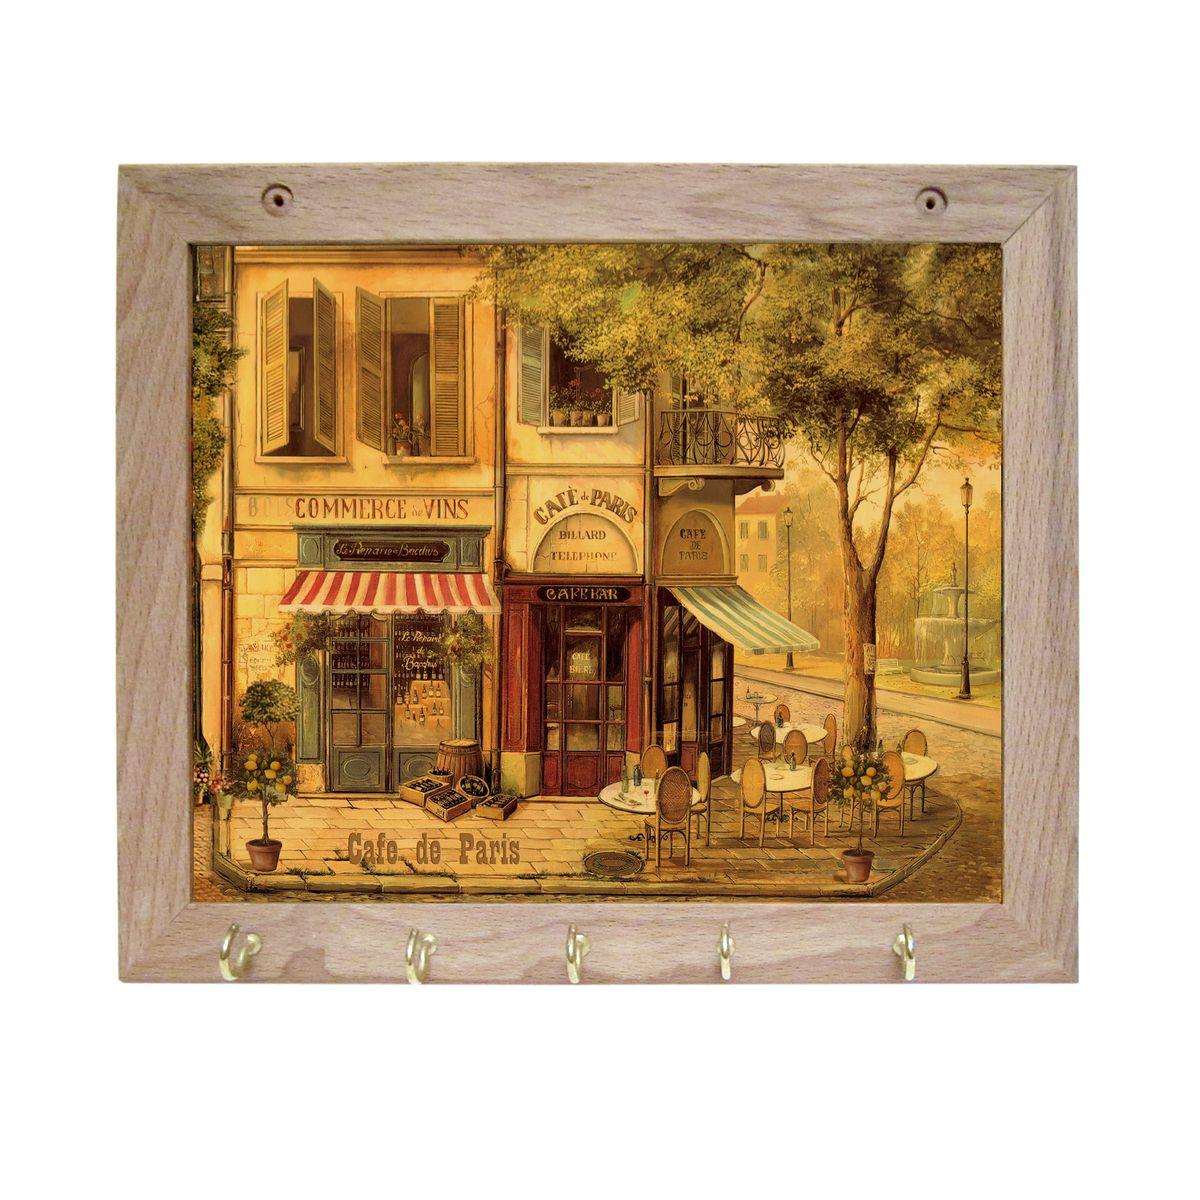 Вешалка GiftnHome Парижское кафе, с 5 крючками, 20 х 25 смTH-CafeArt-Casual - что значит буквально: повседневное искусство - это Новый тренд, новый стиль предложения обычных домашних аксессуаров в качестве элементов, задающих стиль и шарм окружающего пространства.Уникальное сочетание привычной функциональности и декоративной, интерьерной функции - это актуальная, современная тенденция от прогрессивных производителей товаров для дома. Вешалка для полотенец - это всем знакомый, понятный и нужный предмет в каждом доме.Проект GiftnHome предлагает серию изделий из натурального дерева (Eco-Life), в комбинации с модными цветными принтами на корпусе от Креативной студии AntonioK.Это изделия больше, чем просто крючки для полотенец, они несут интерьерное решение, зададут настроение и стиль на вашей кухне, столовой или дачной веранде. В серии Эко-Лайф, от GiftnHome - можно, так же приобрести ключницы, подносы и столики в постель из благородных пород дерева (бук, дуб), с актуальными дизайнами на поверхности древесины.